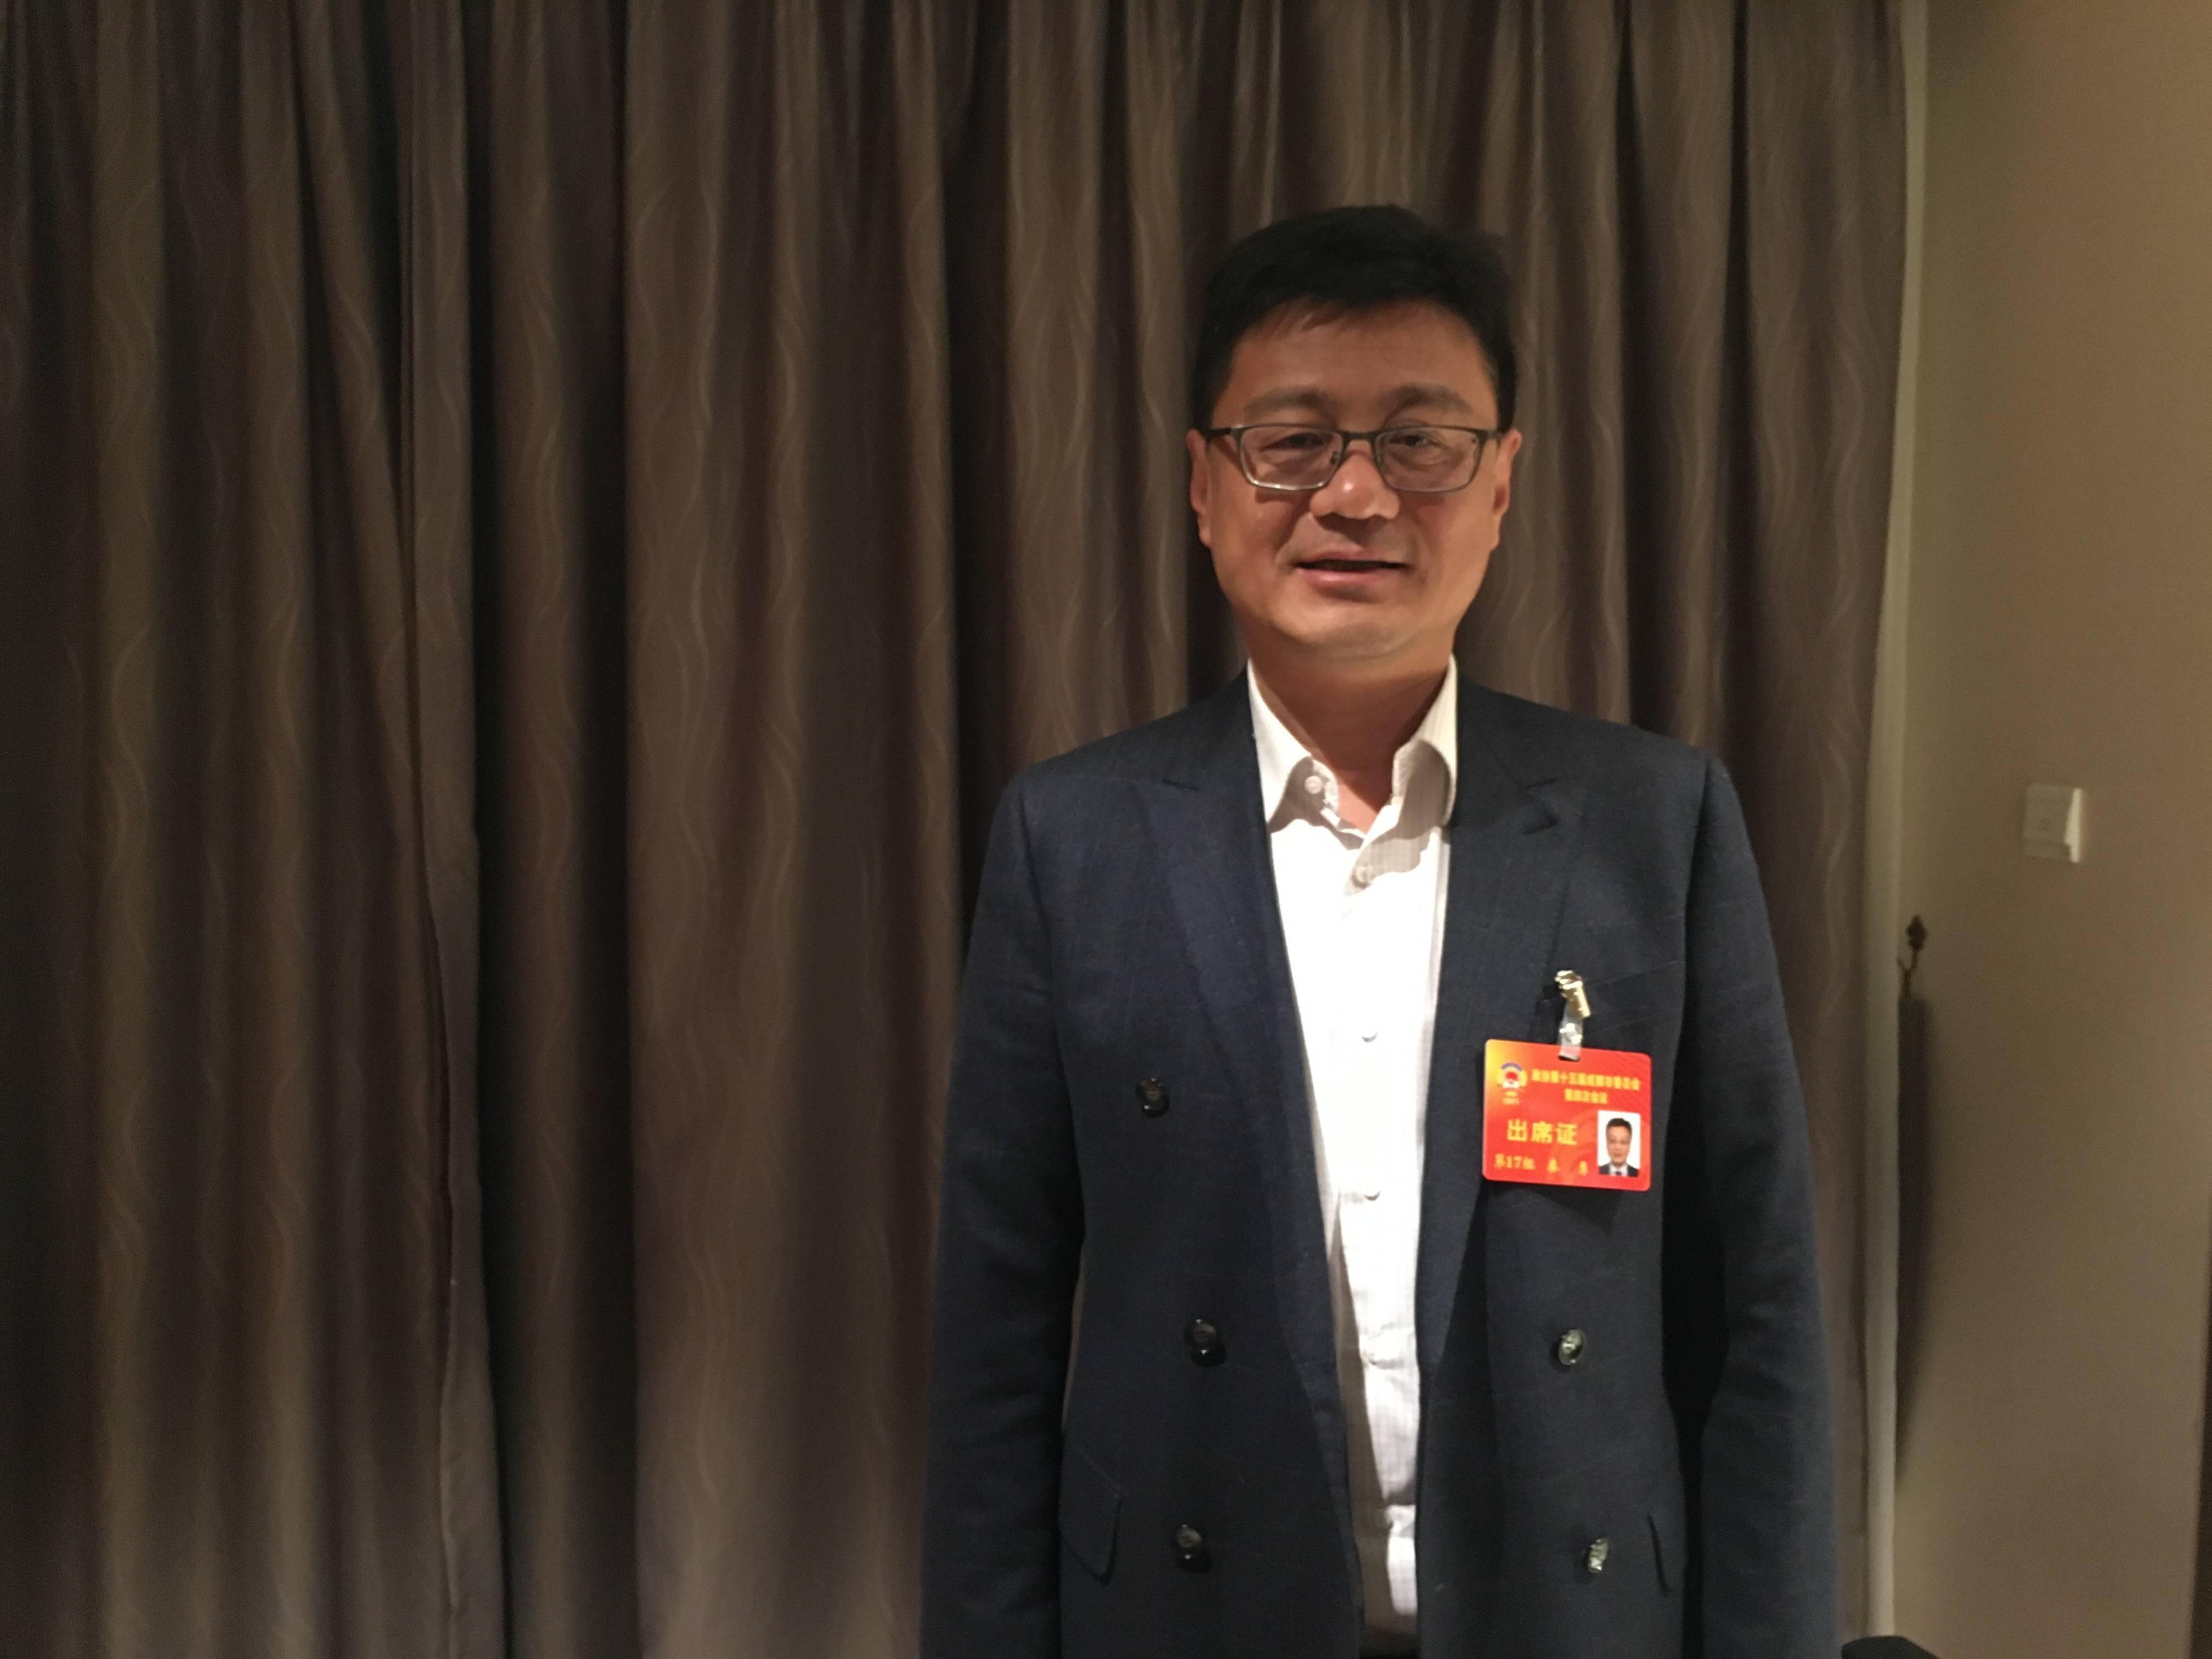 成都CPPCC成员泰莉:成都医疗美容产业将成为新的大规模经济增长极